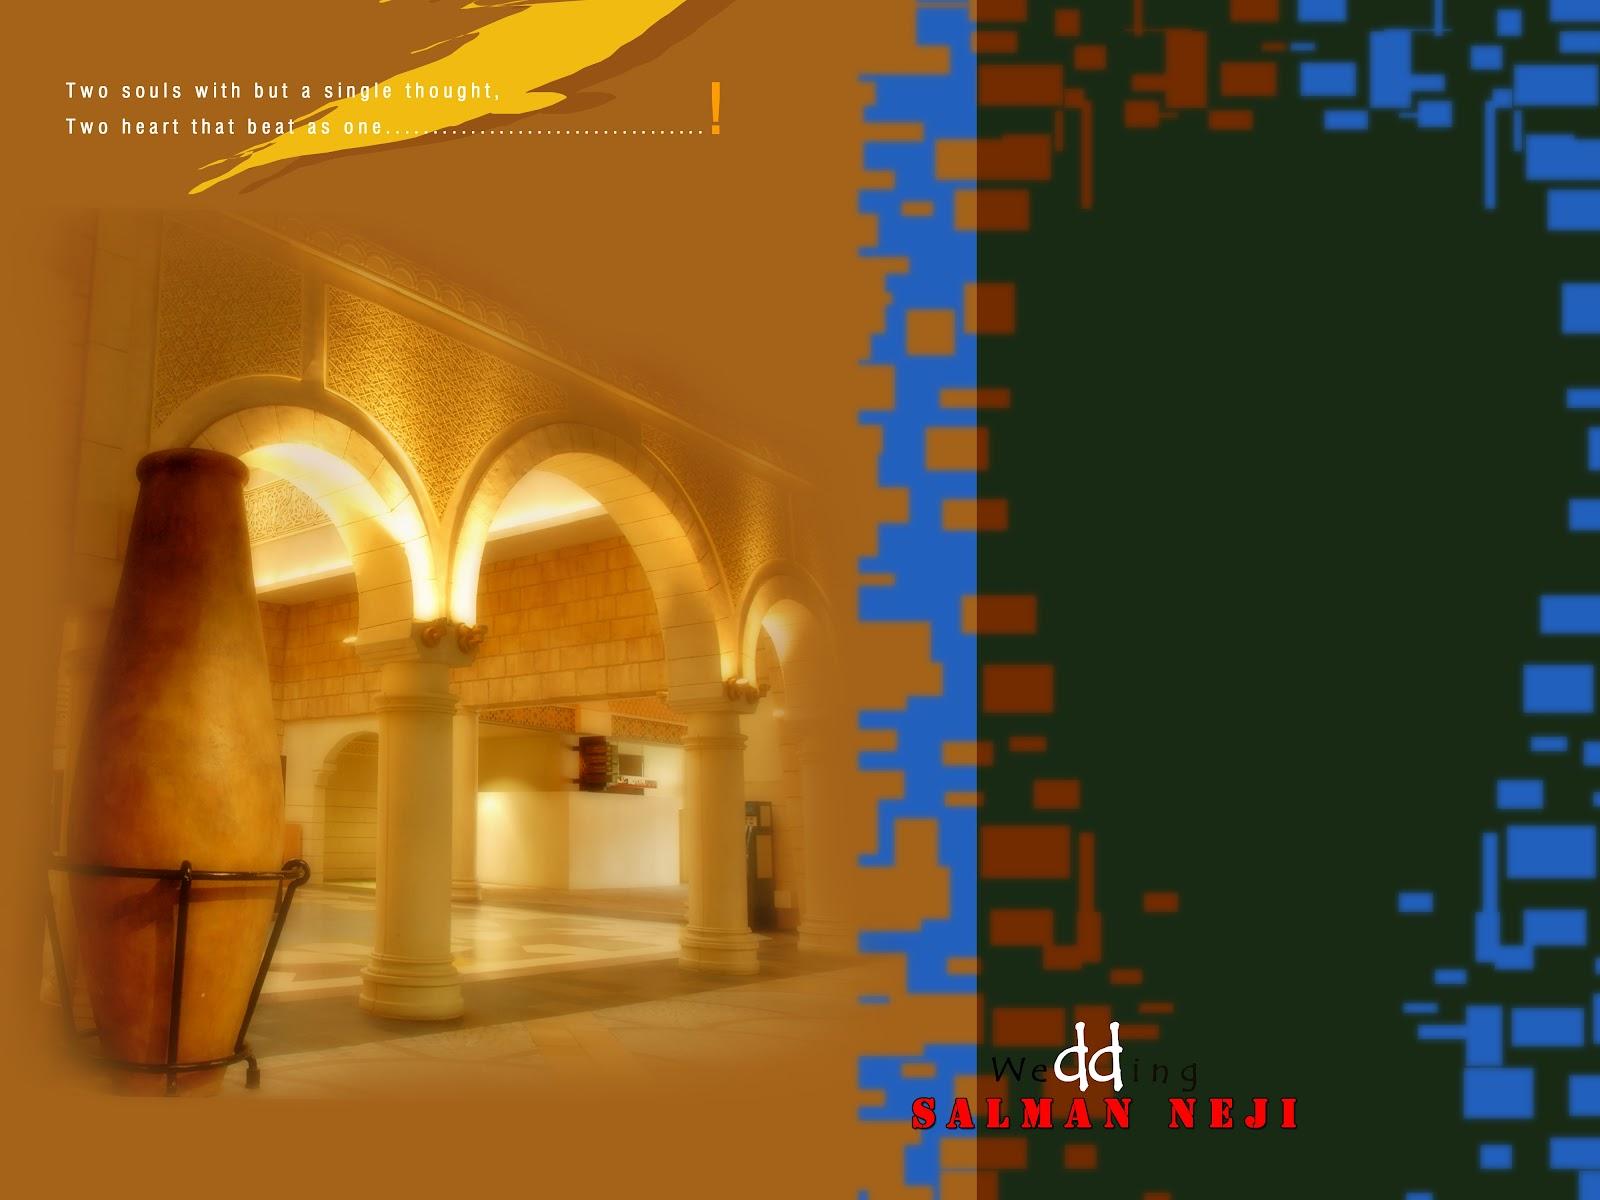 http://2.bp.blogspot.com/-DBYJ_16wgec/UA6YUoLFXoI/AAAAAAAAJ3o/hgWmZMgWbYk/s1600/D+PSD+Karizma+psd+files+10.jpg